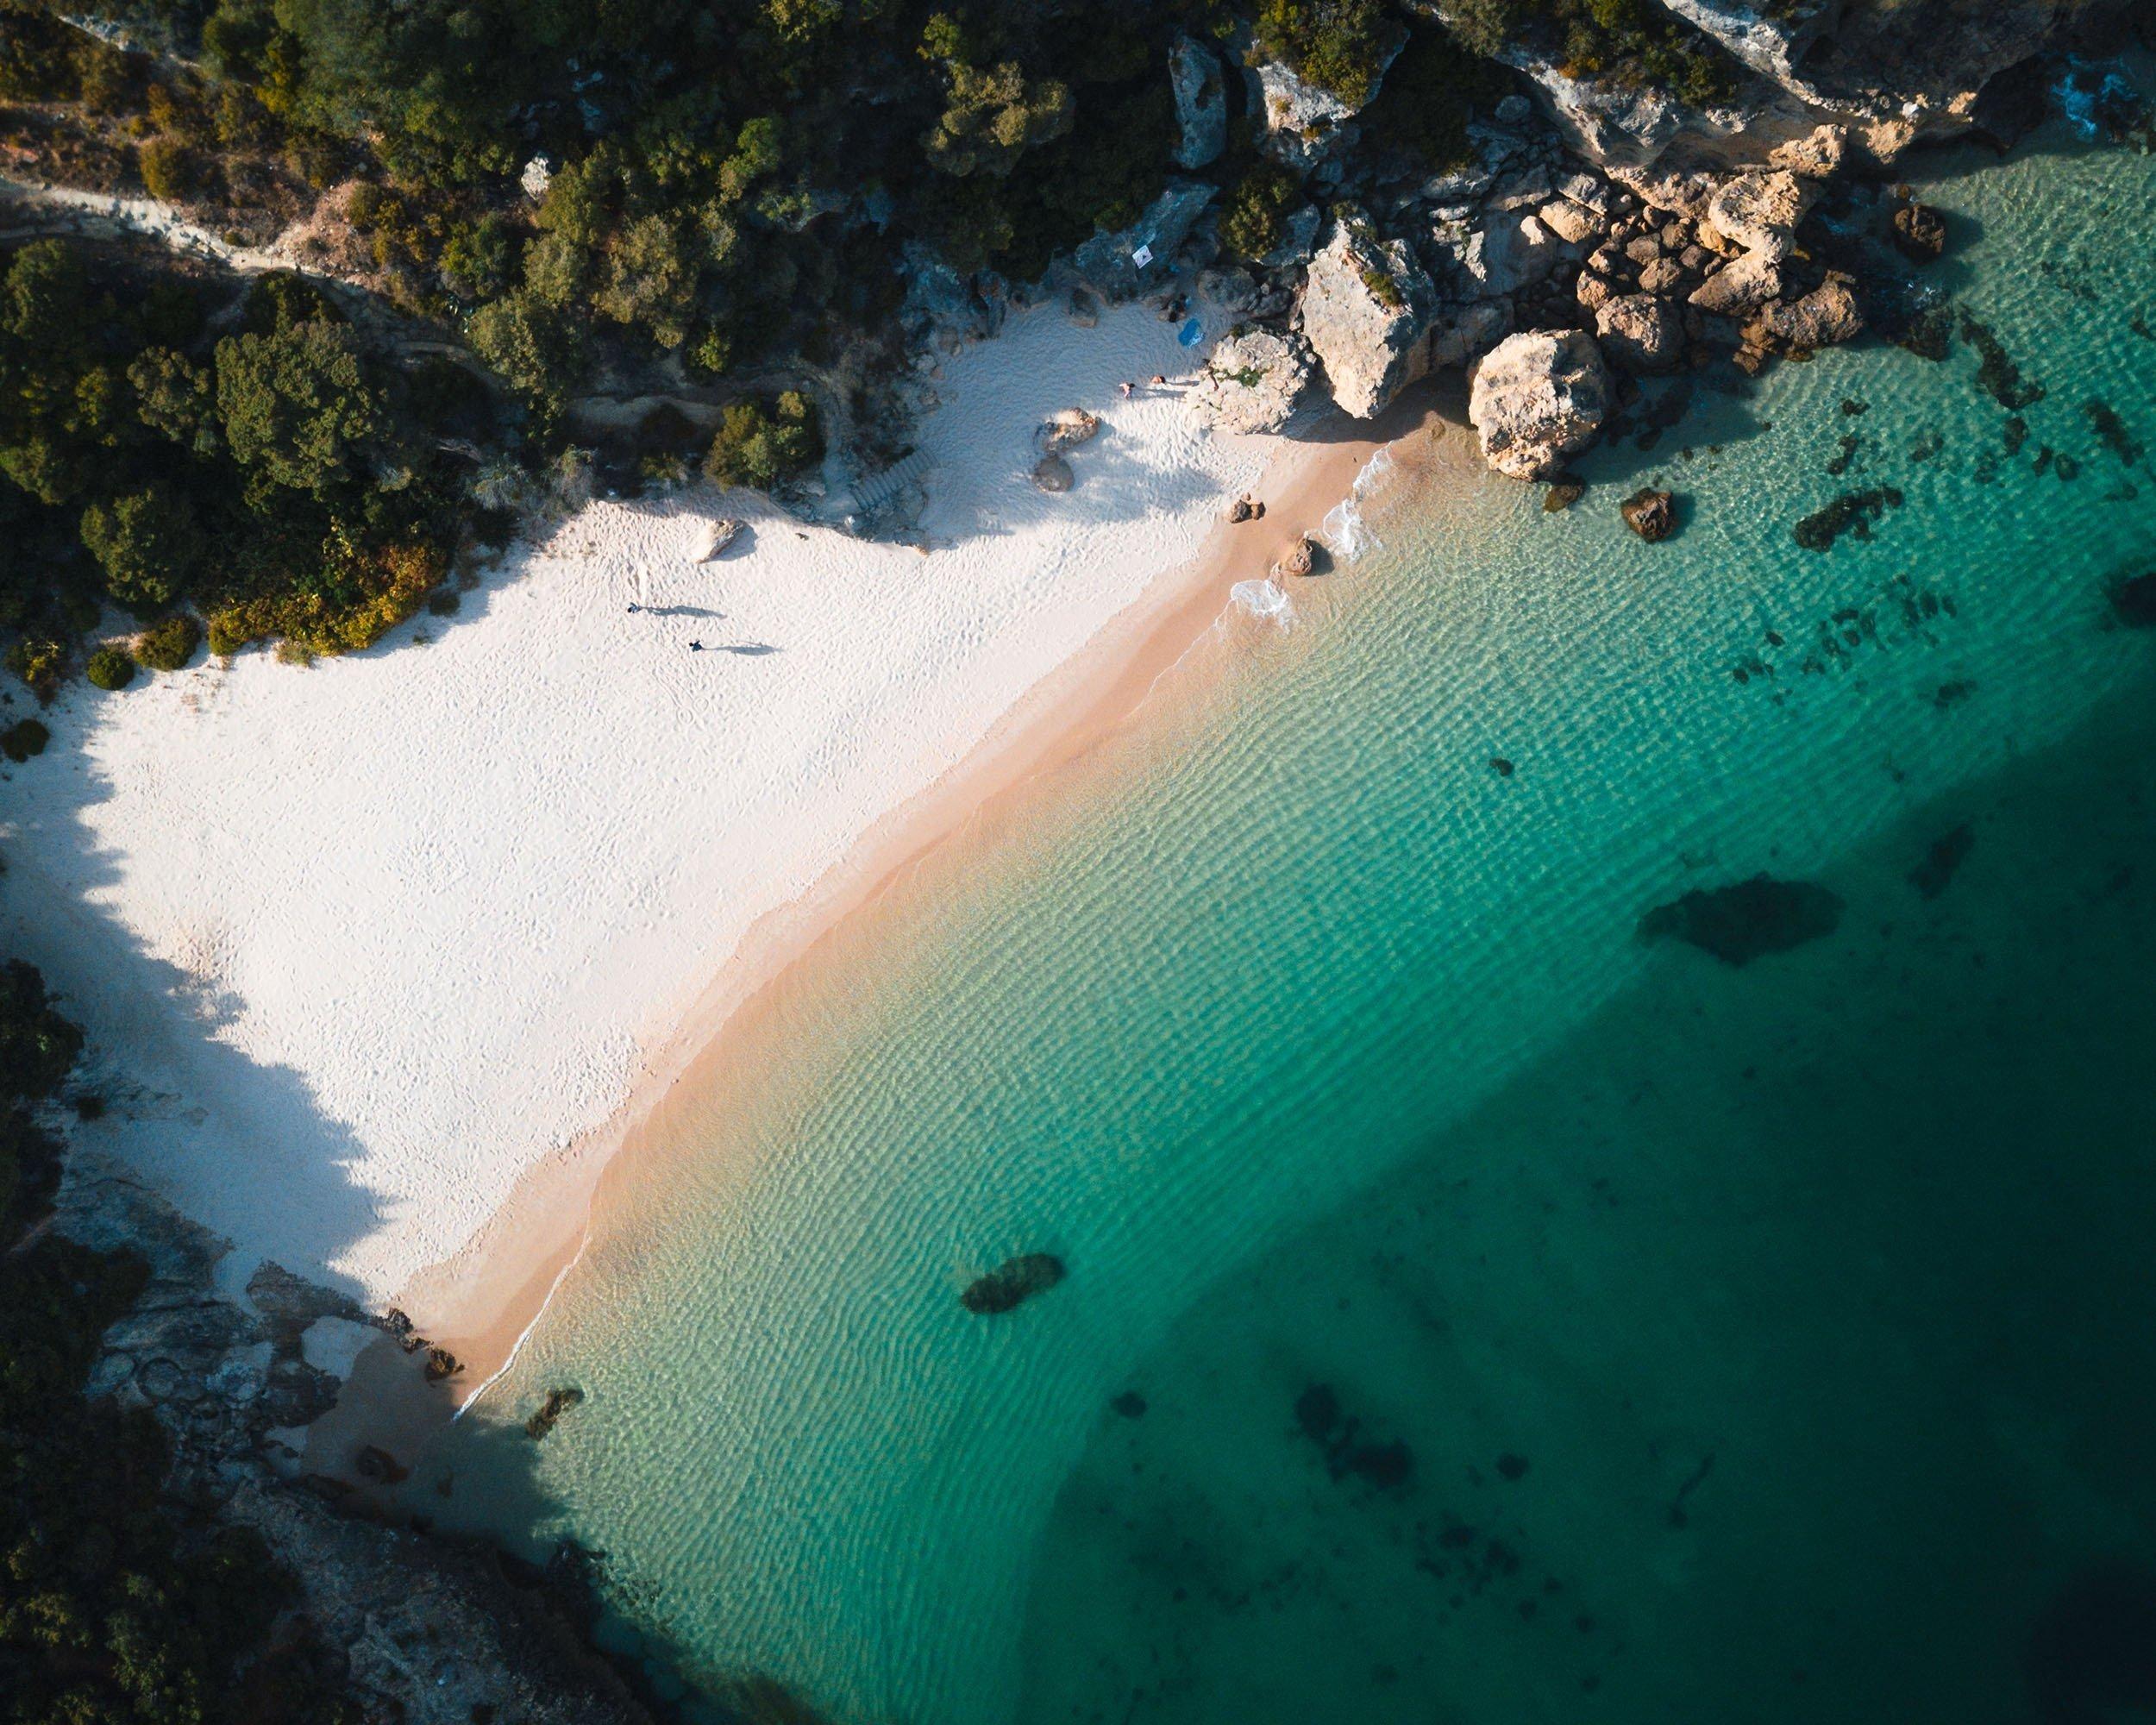 A areia branca da praia tropical de Arapita, um parque natural em Sethupal, Portugal, lava-se com água limpa.  (Foto do Shutterstock)